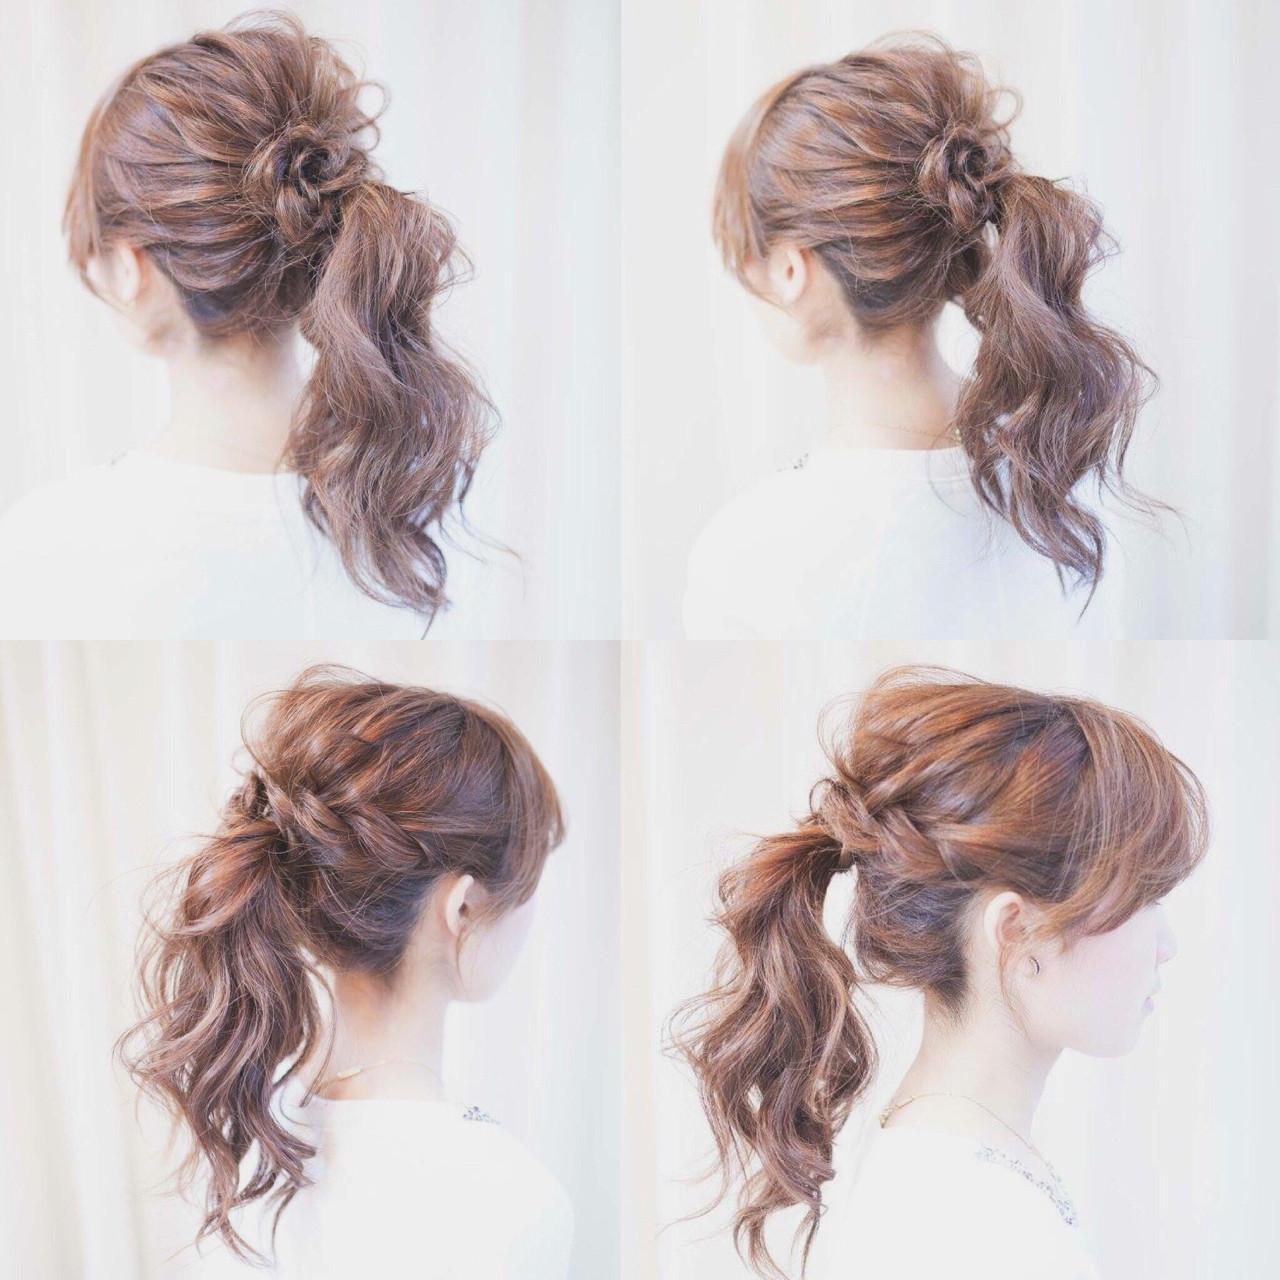 ナチュラル ヘアアレンジ 編み込み ショート ヘアスタイルや髪型の写真・画像